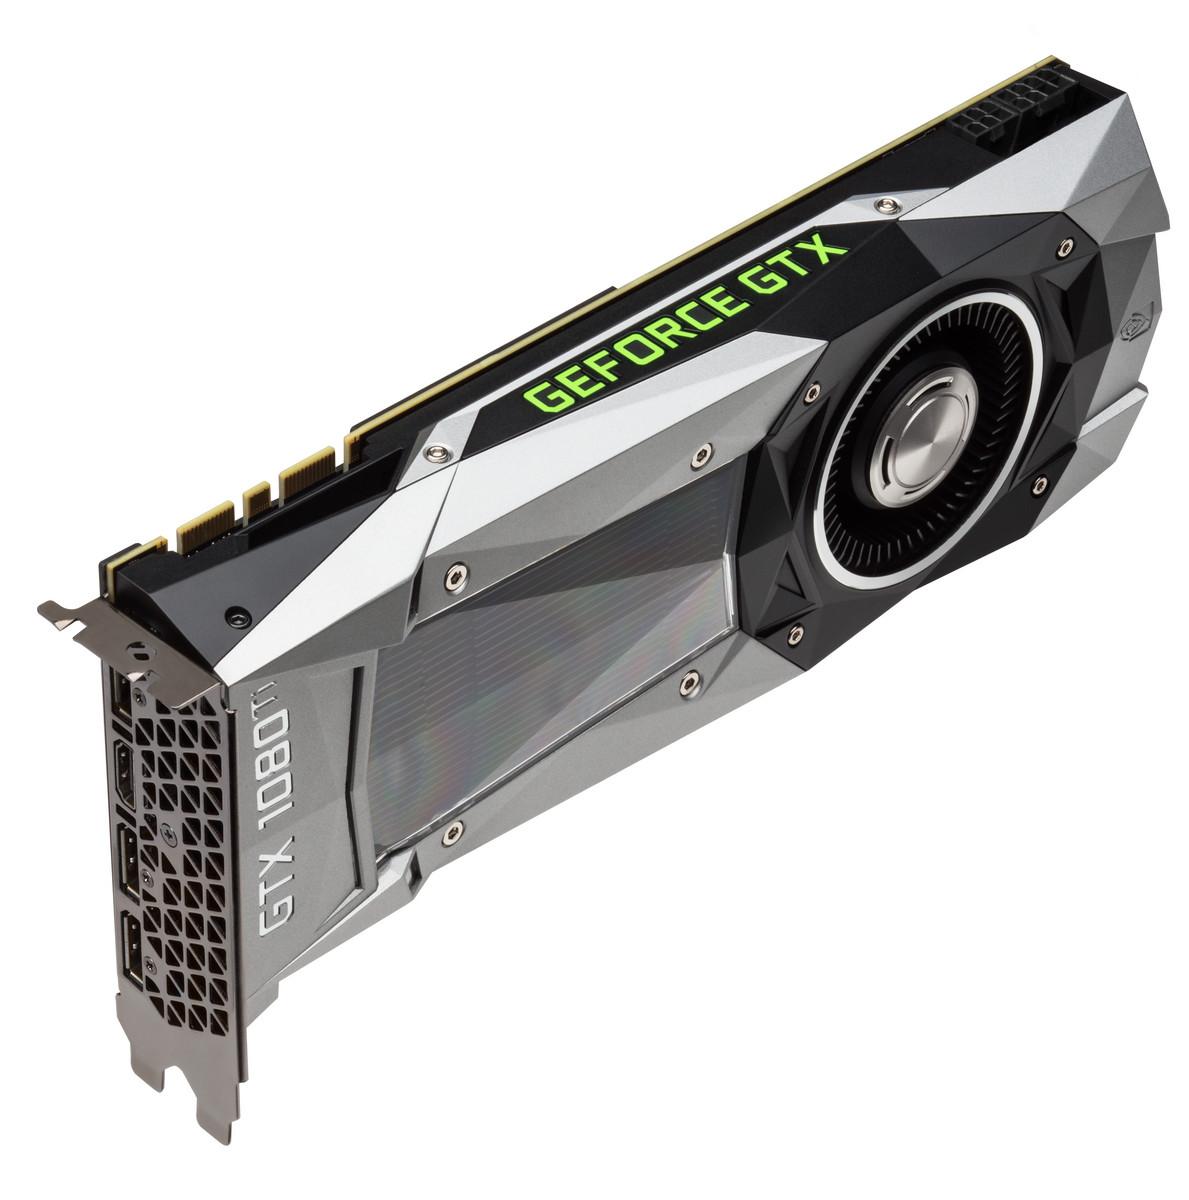 Like AMD, Nvidia promises to ramp up GPU production